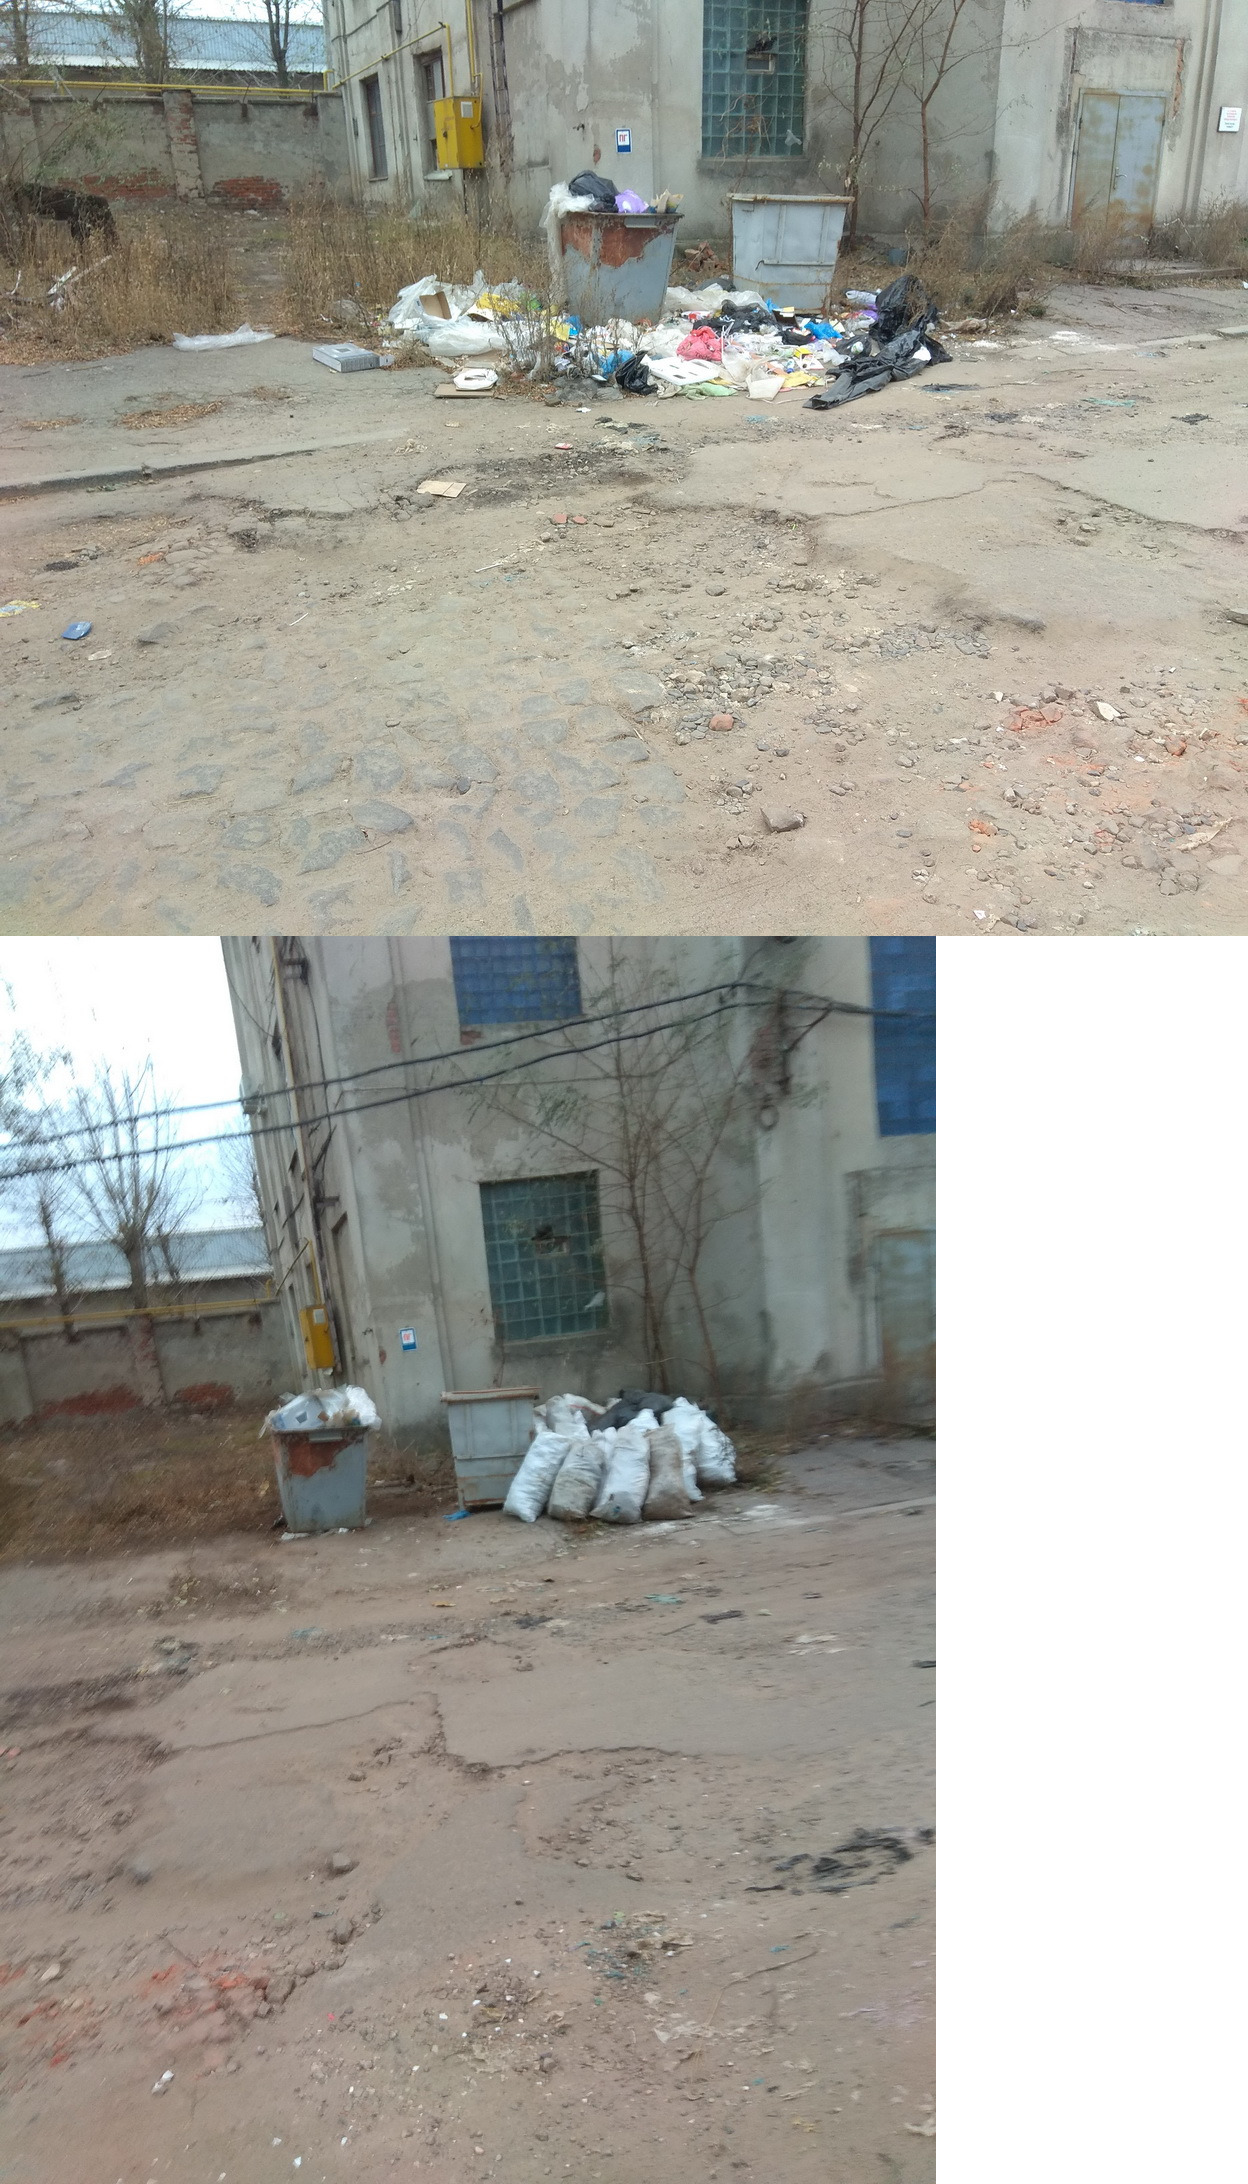 Фото Уборка территории перед складом. Общая площадь 150 кв.м. Собрано 20 мешков мусора. Работа заняла 6 часов. Стоимость работы составила 700грн.